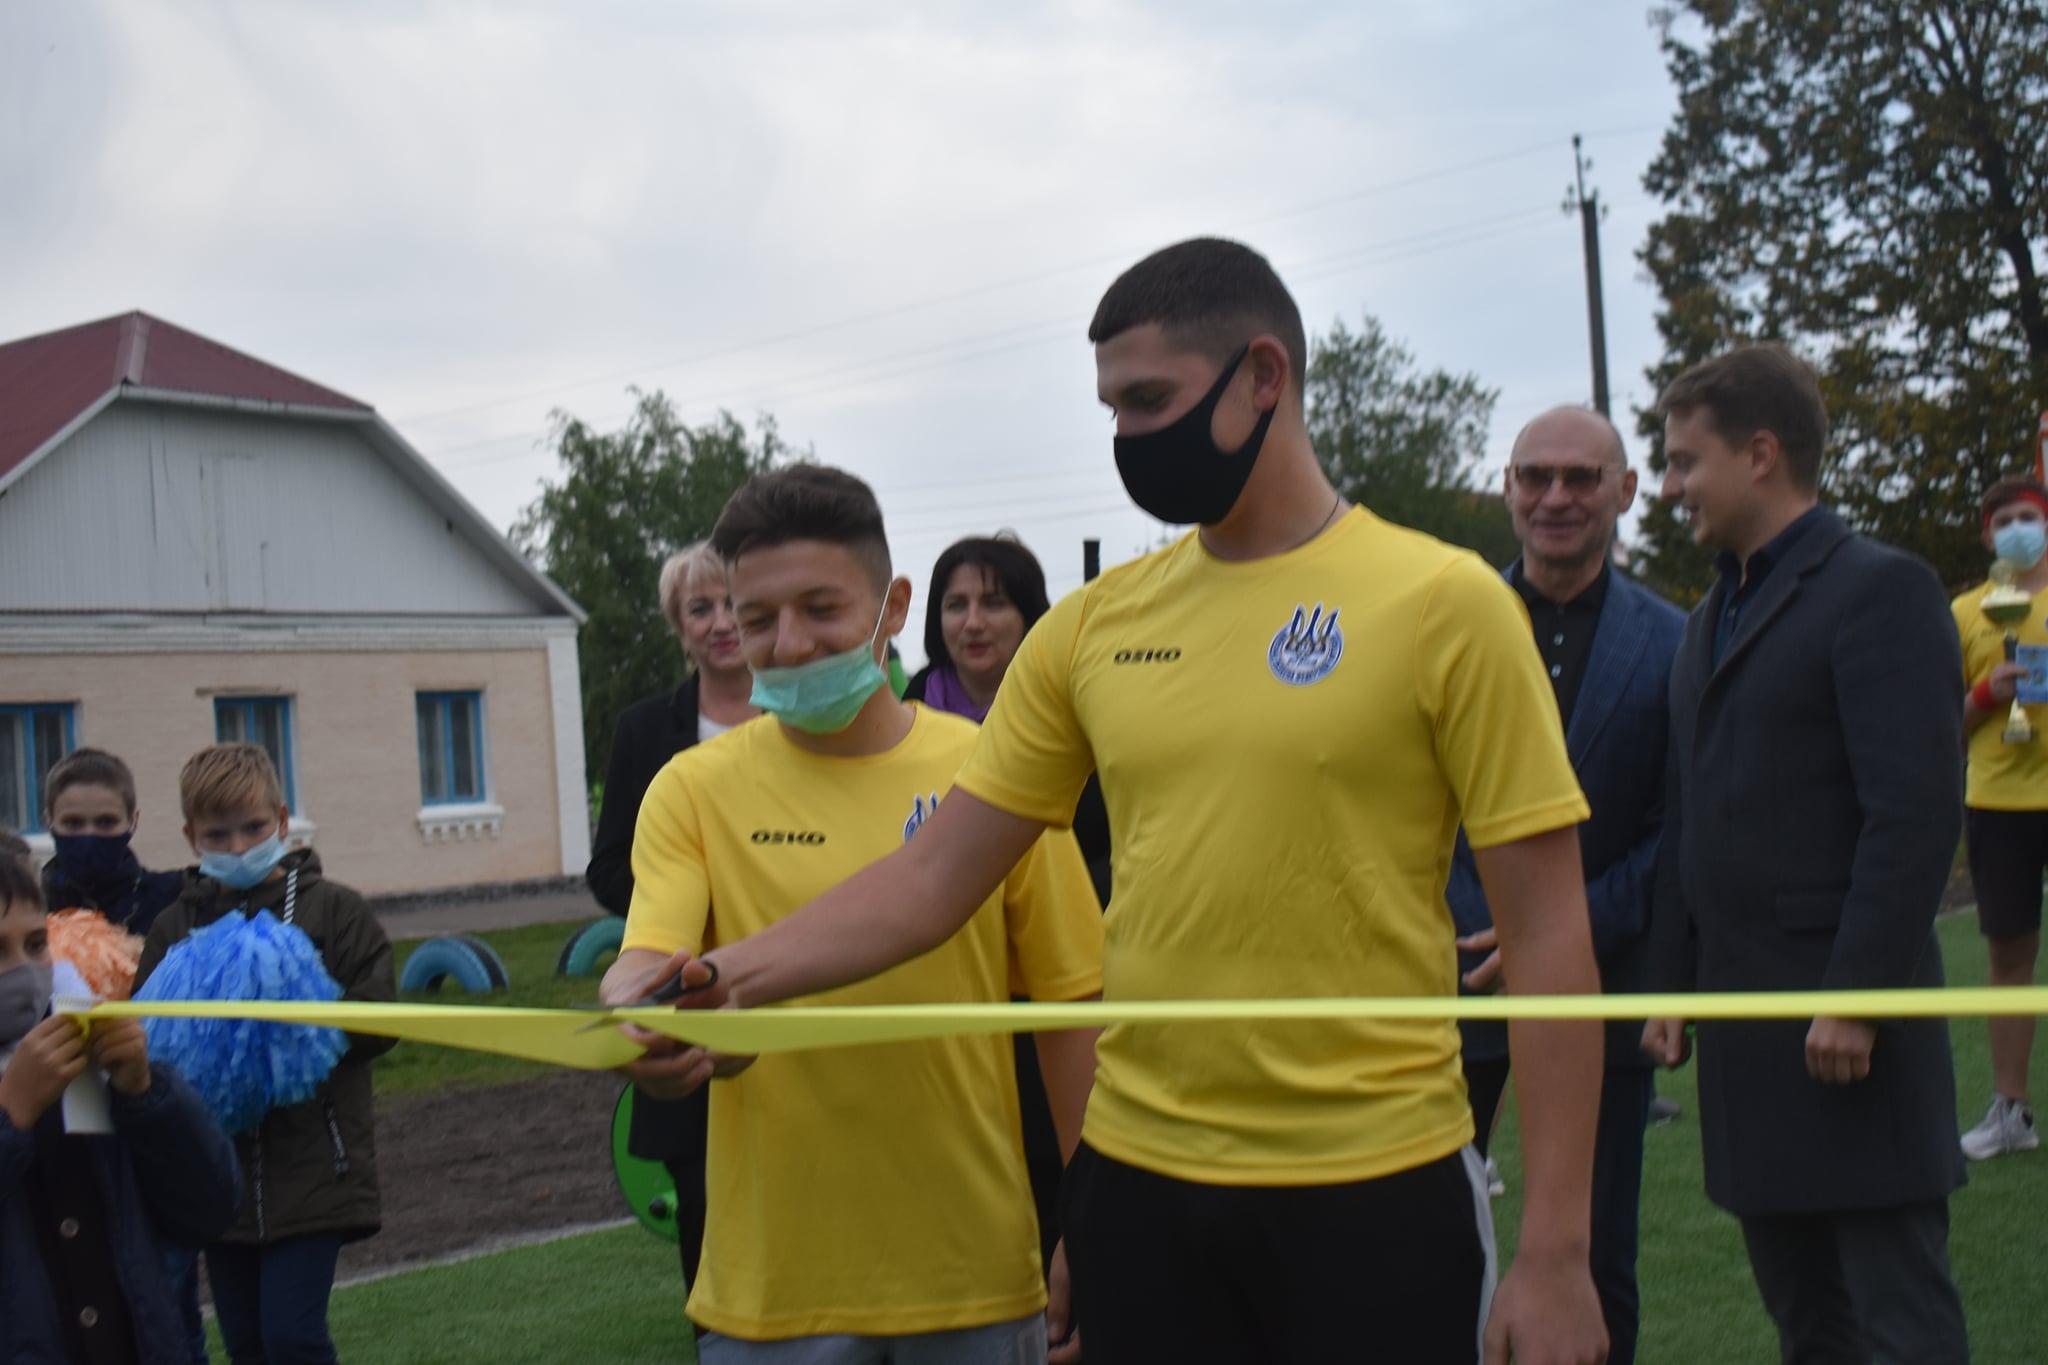 Відкриття воркаут-майданчиків у Васильківському районі. Фото